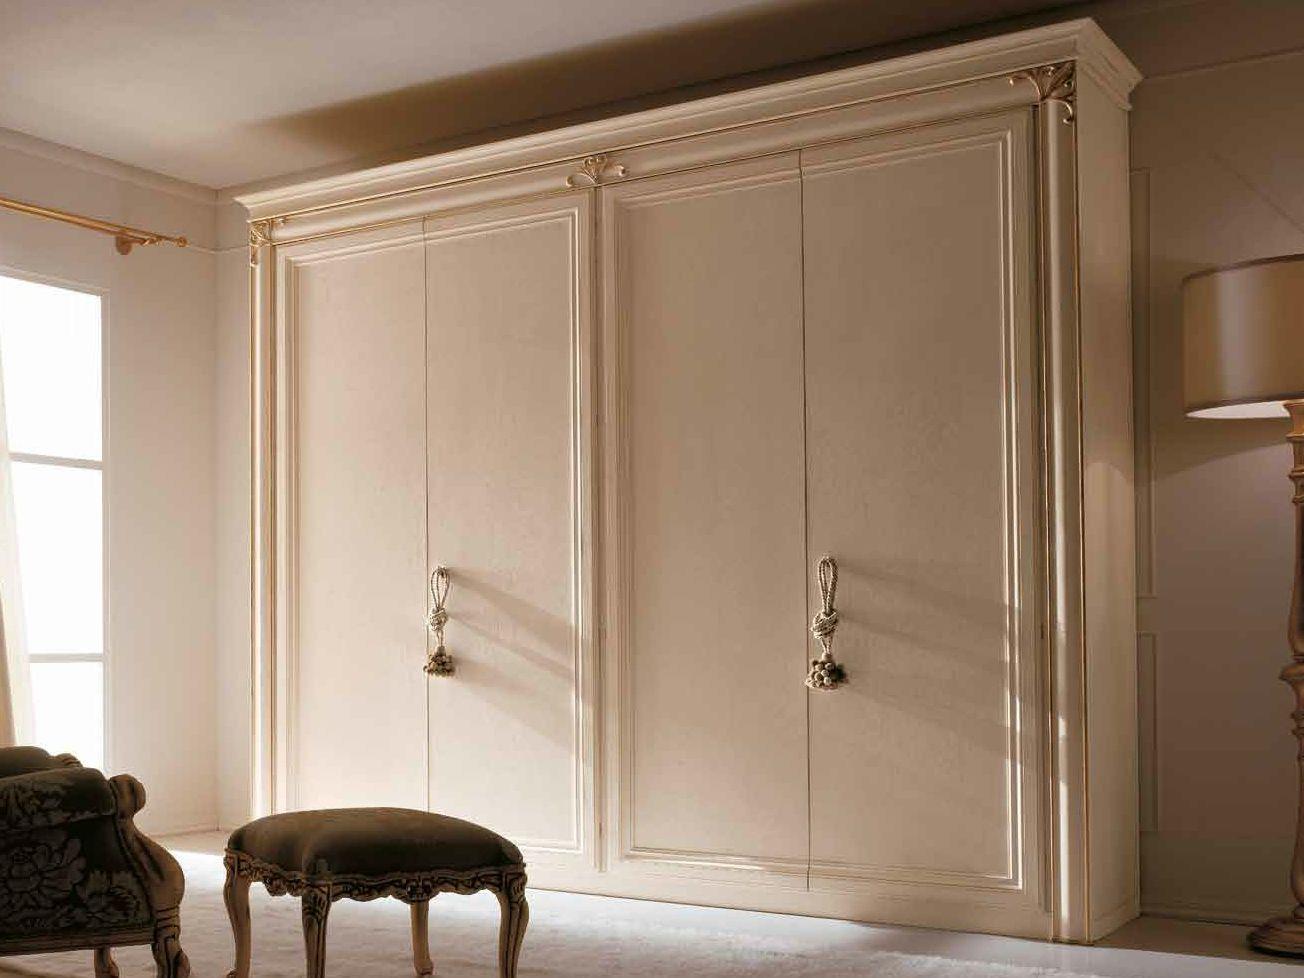 Armario de estilo tradicional con puertas correderas clara - Armarios con estilo ...